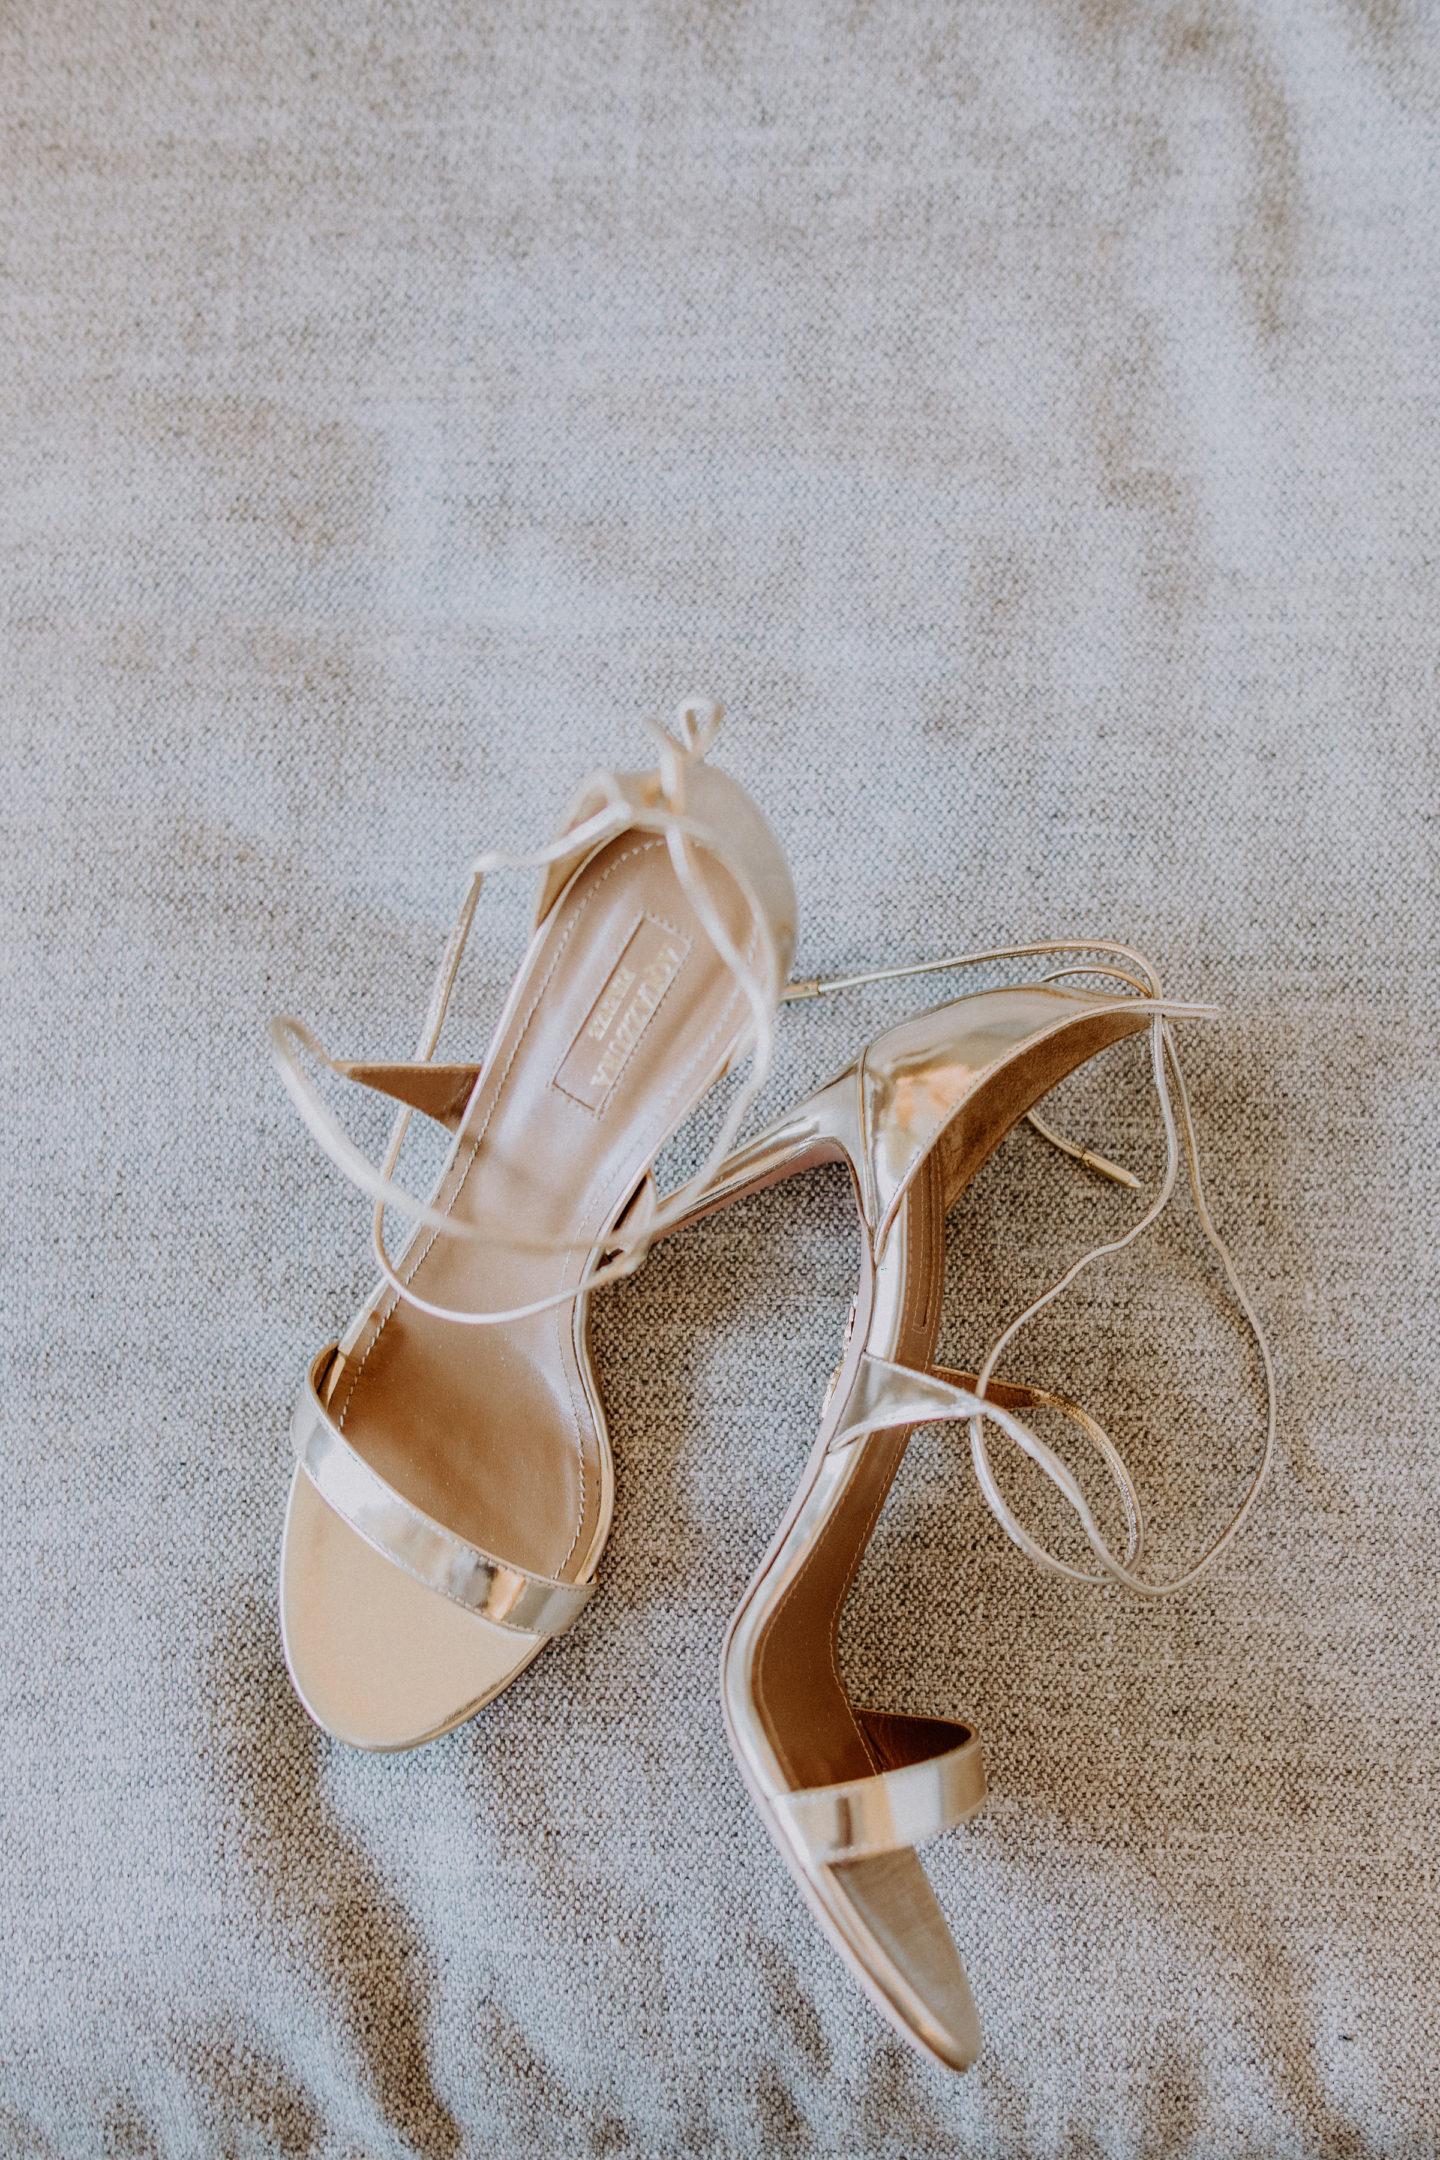 Aquazzura Heels | Love Daily Dose